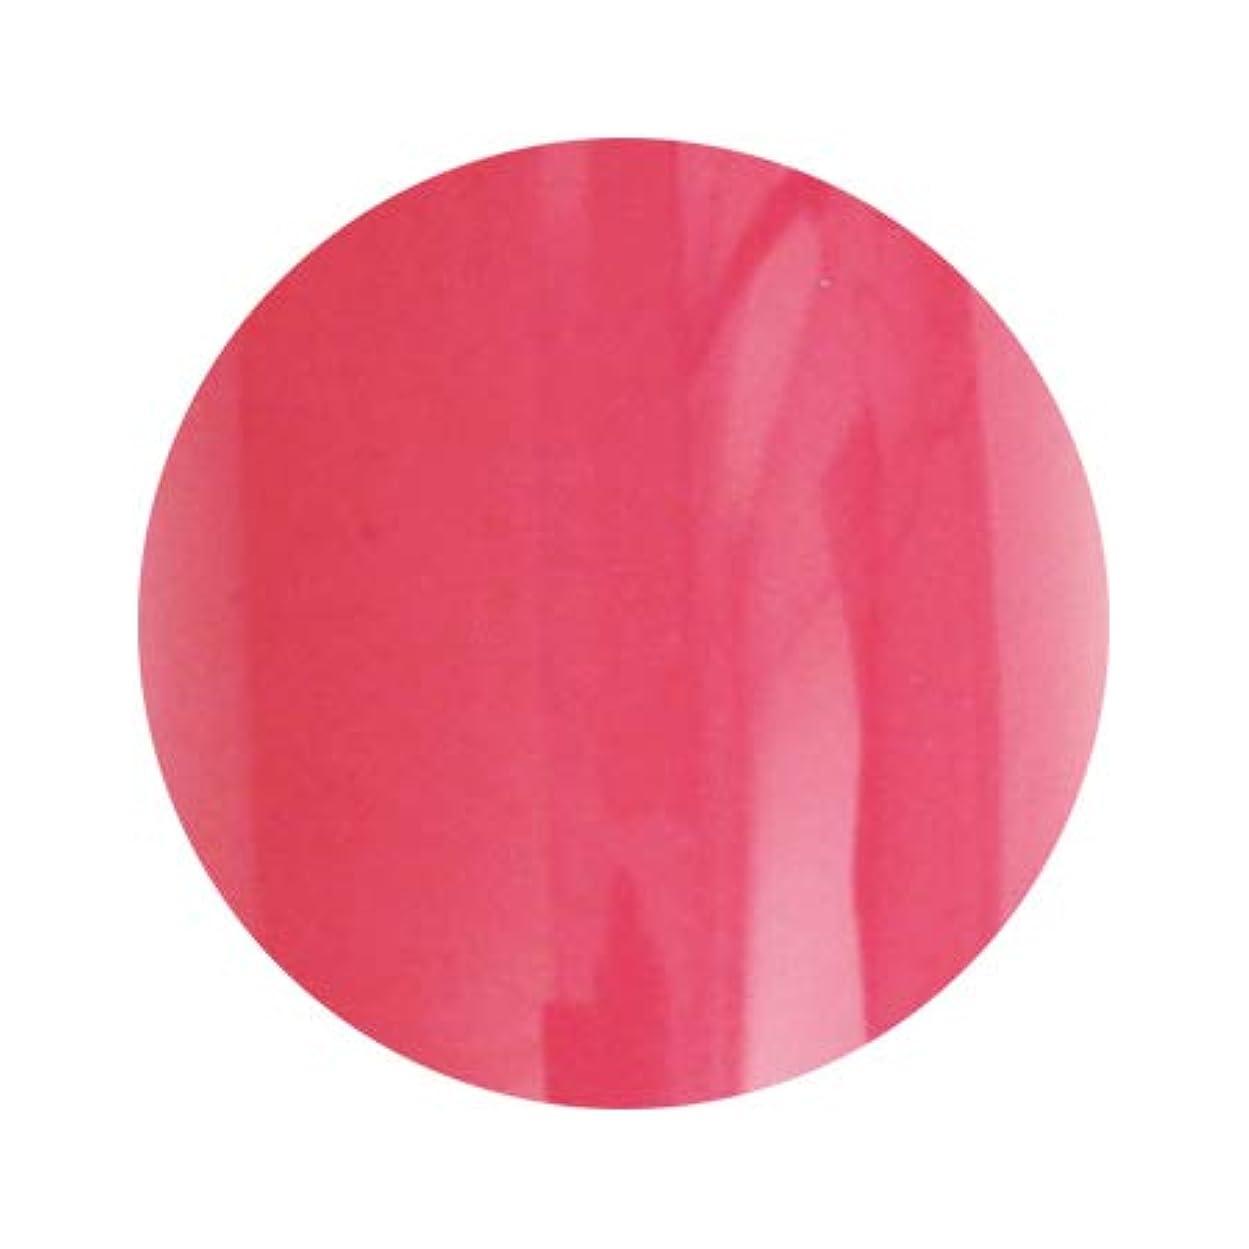 争う麻酔薬ボックスLUCU GEL ルクジェル カラー REM06 コーラルレッド 3.5g